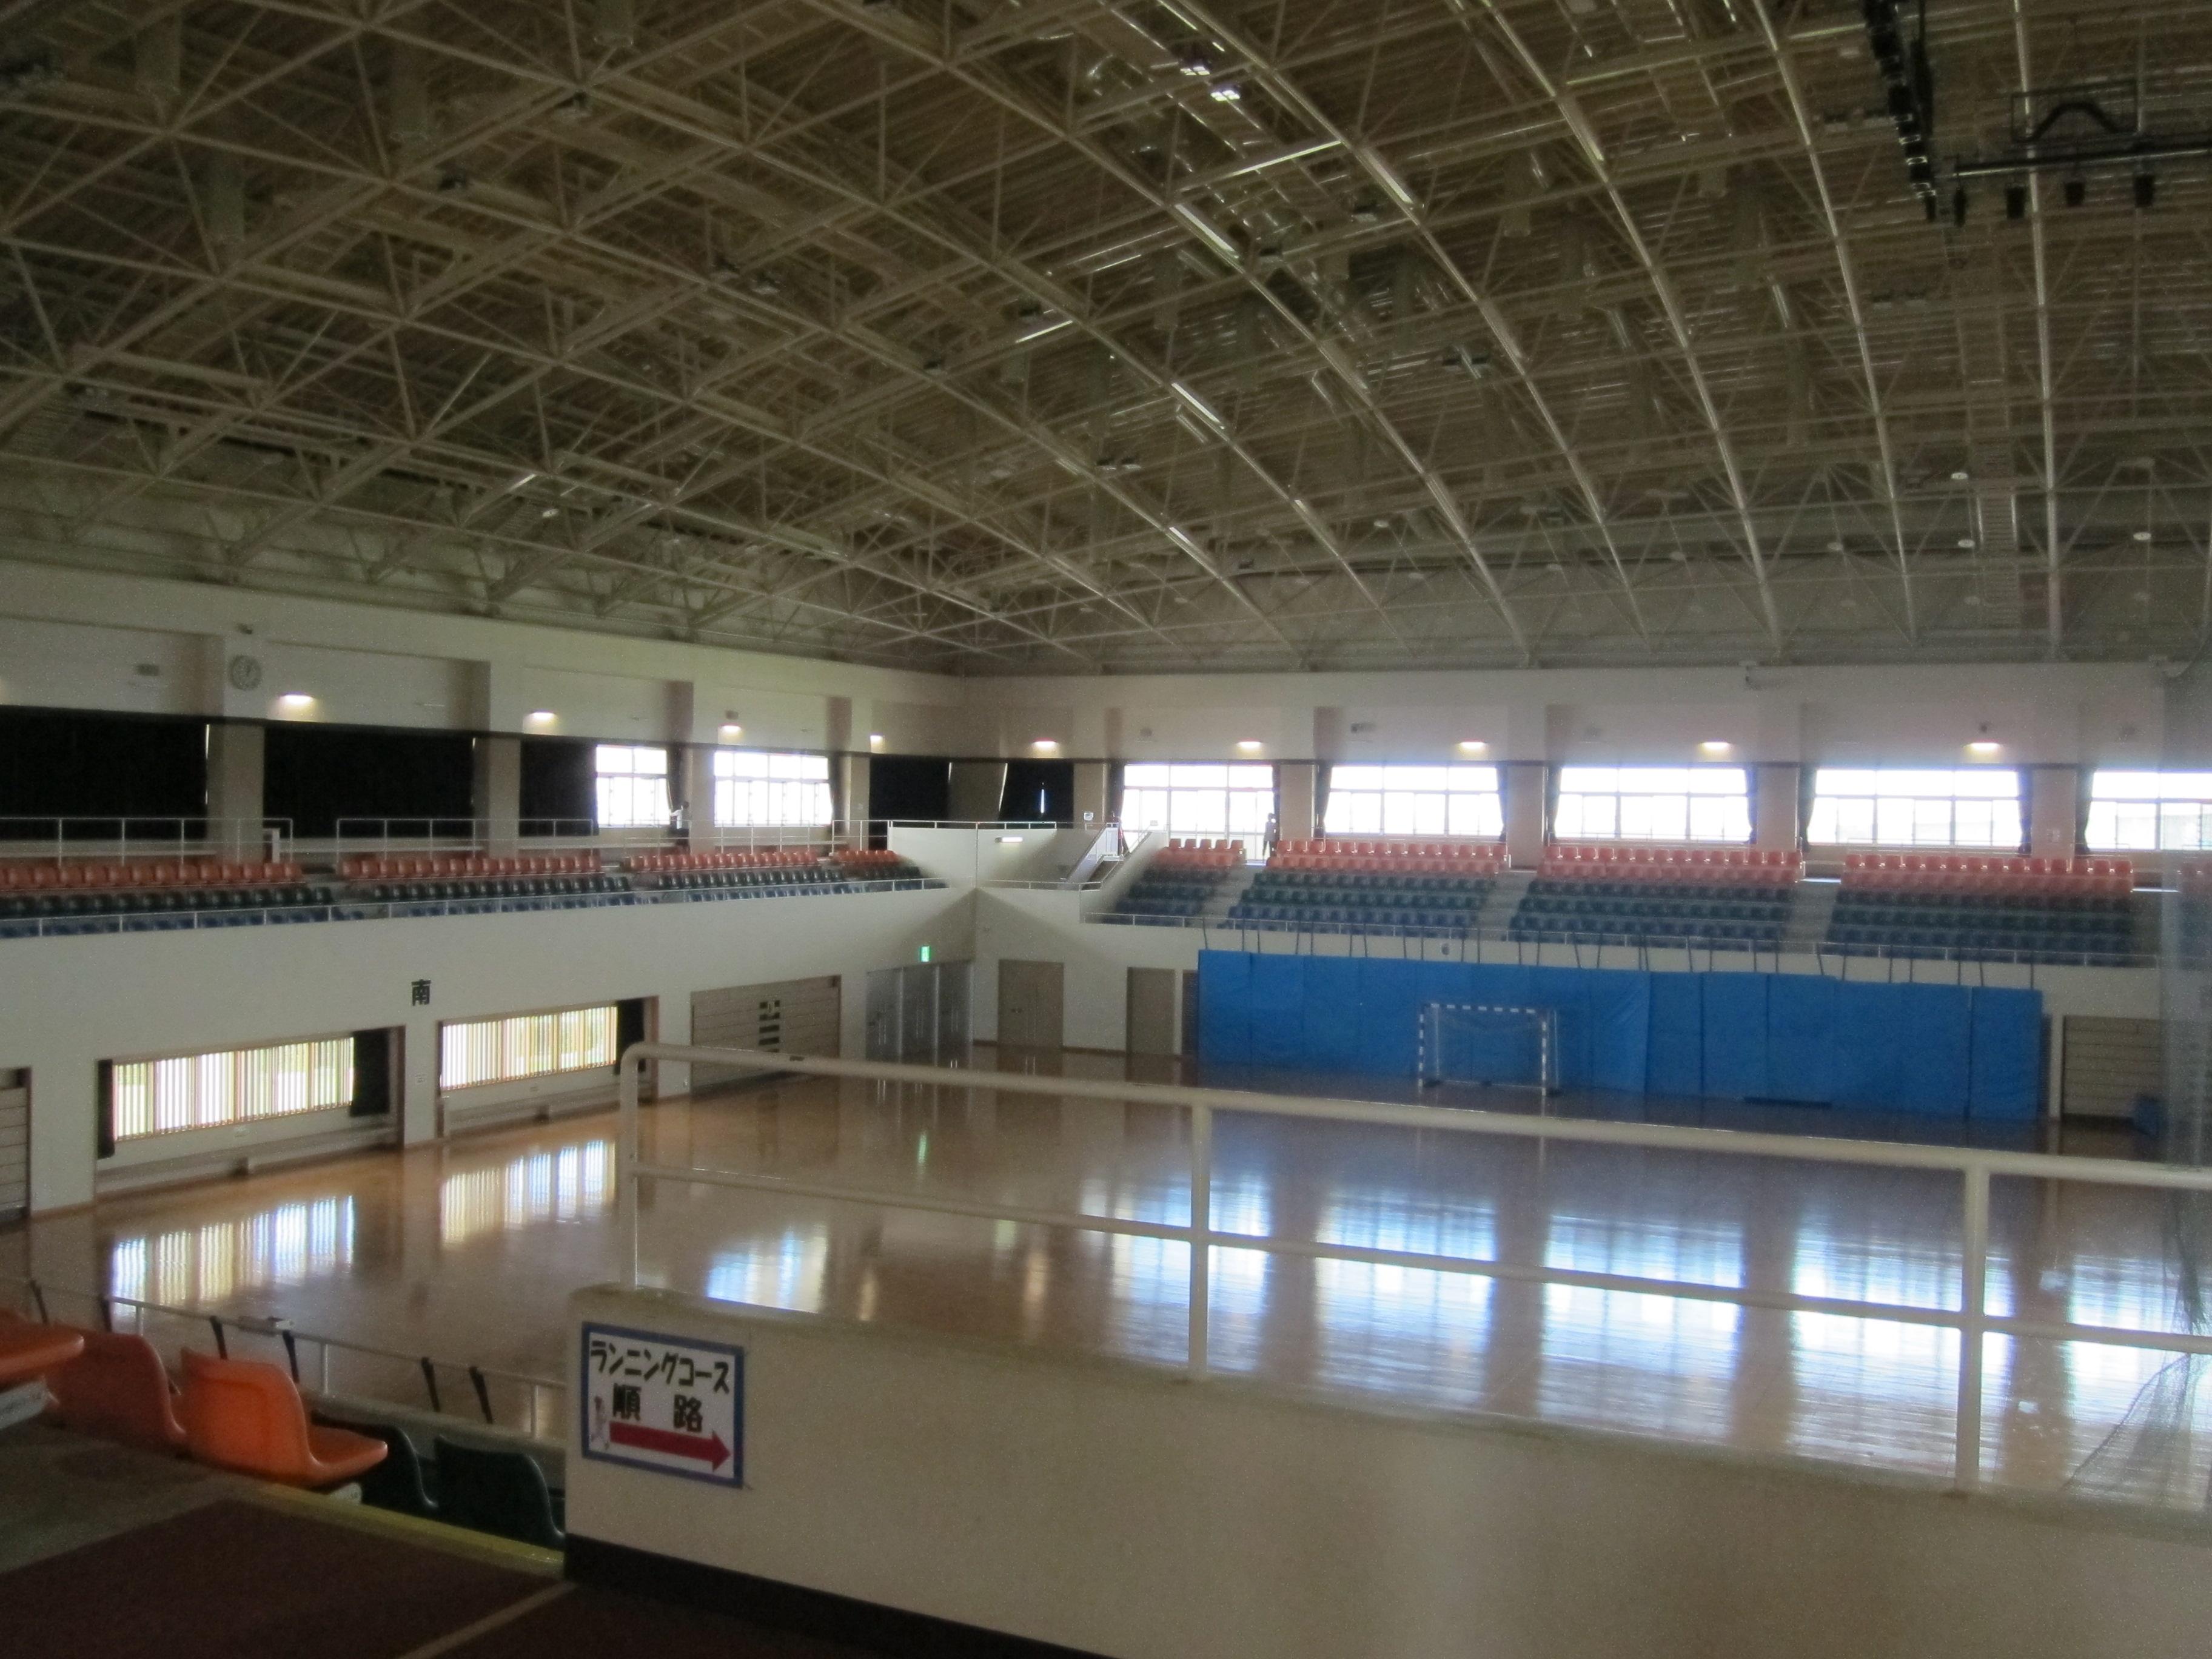 主運動場館為室內小巨蛋設計,寬敞,可以因應不同比賽去做調整。